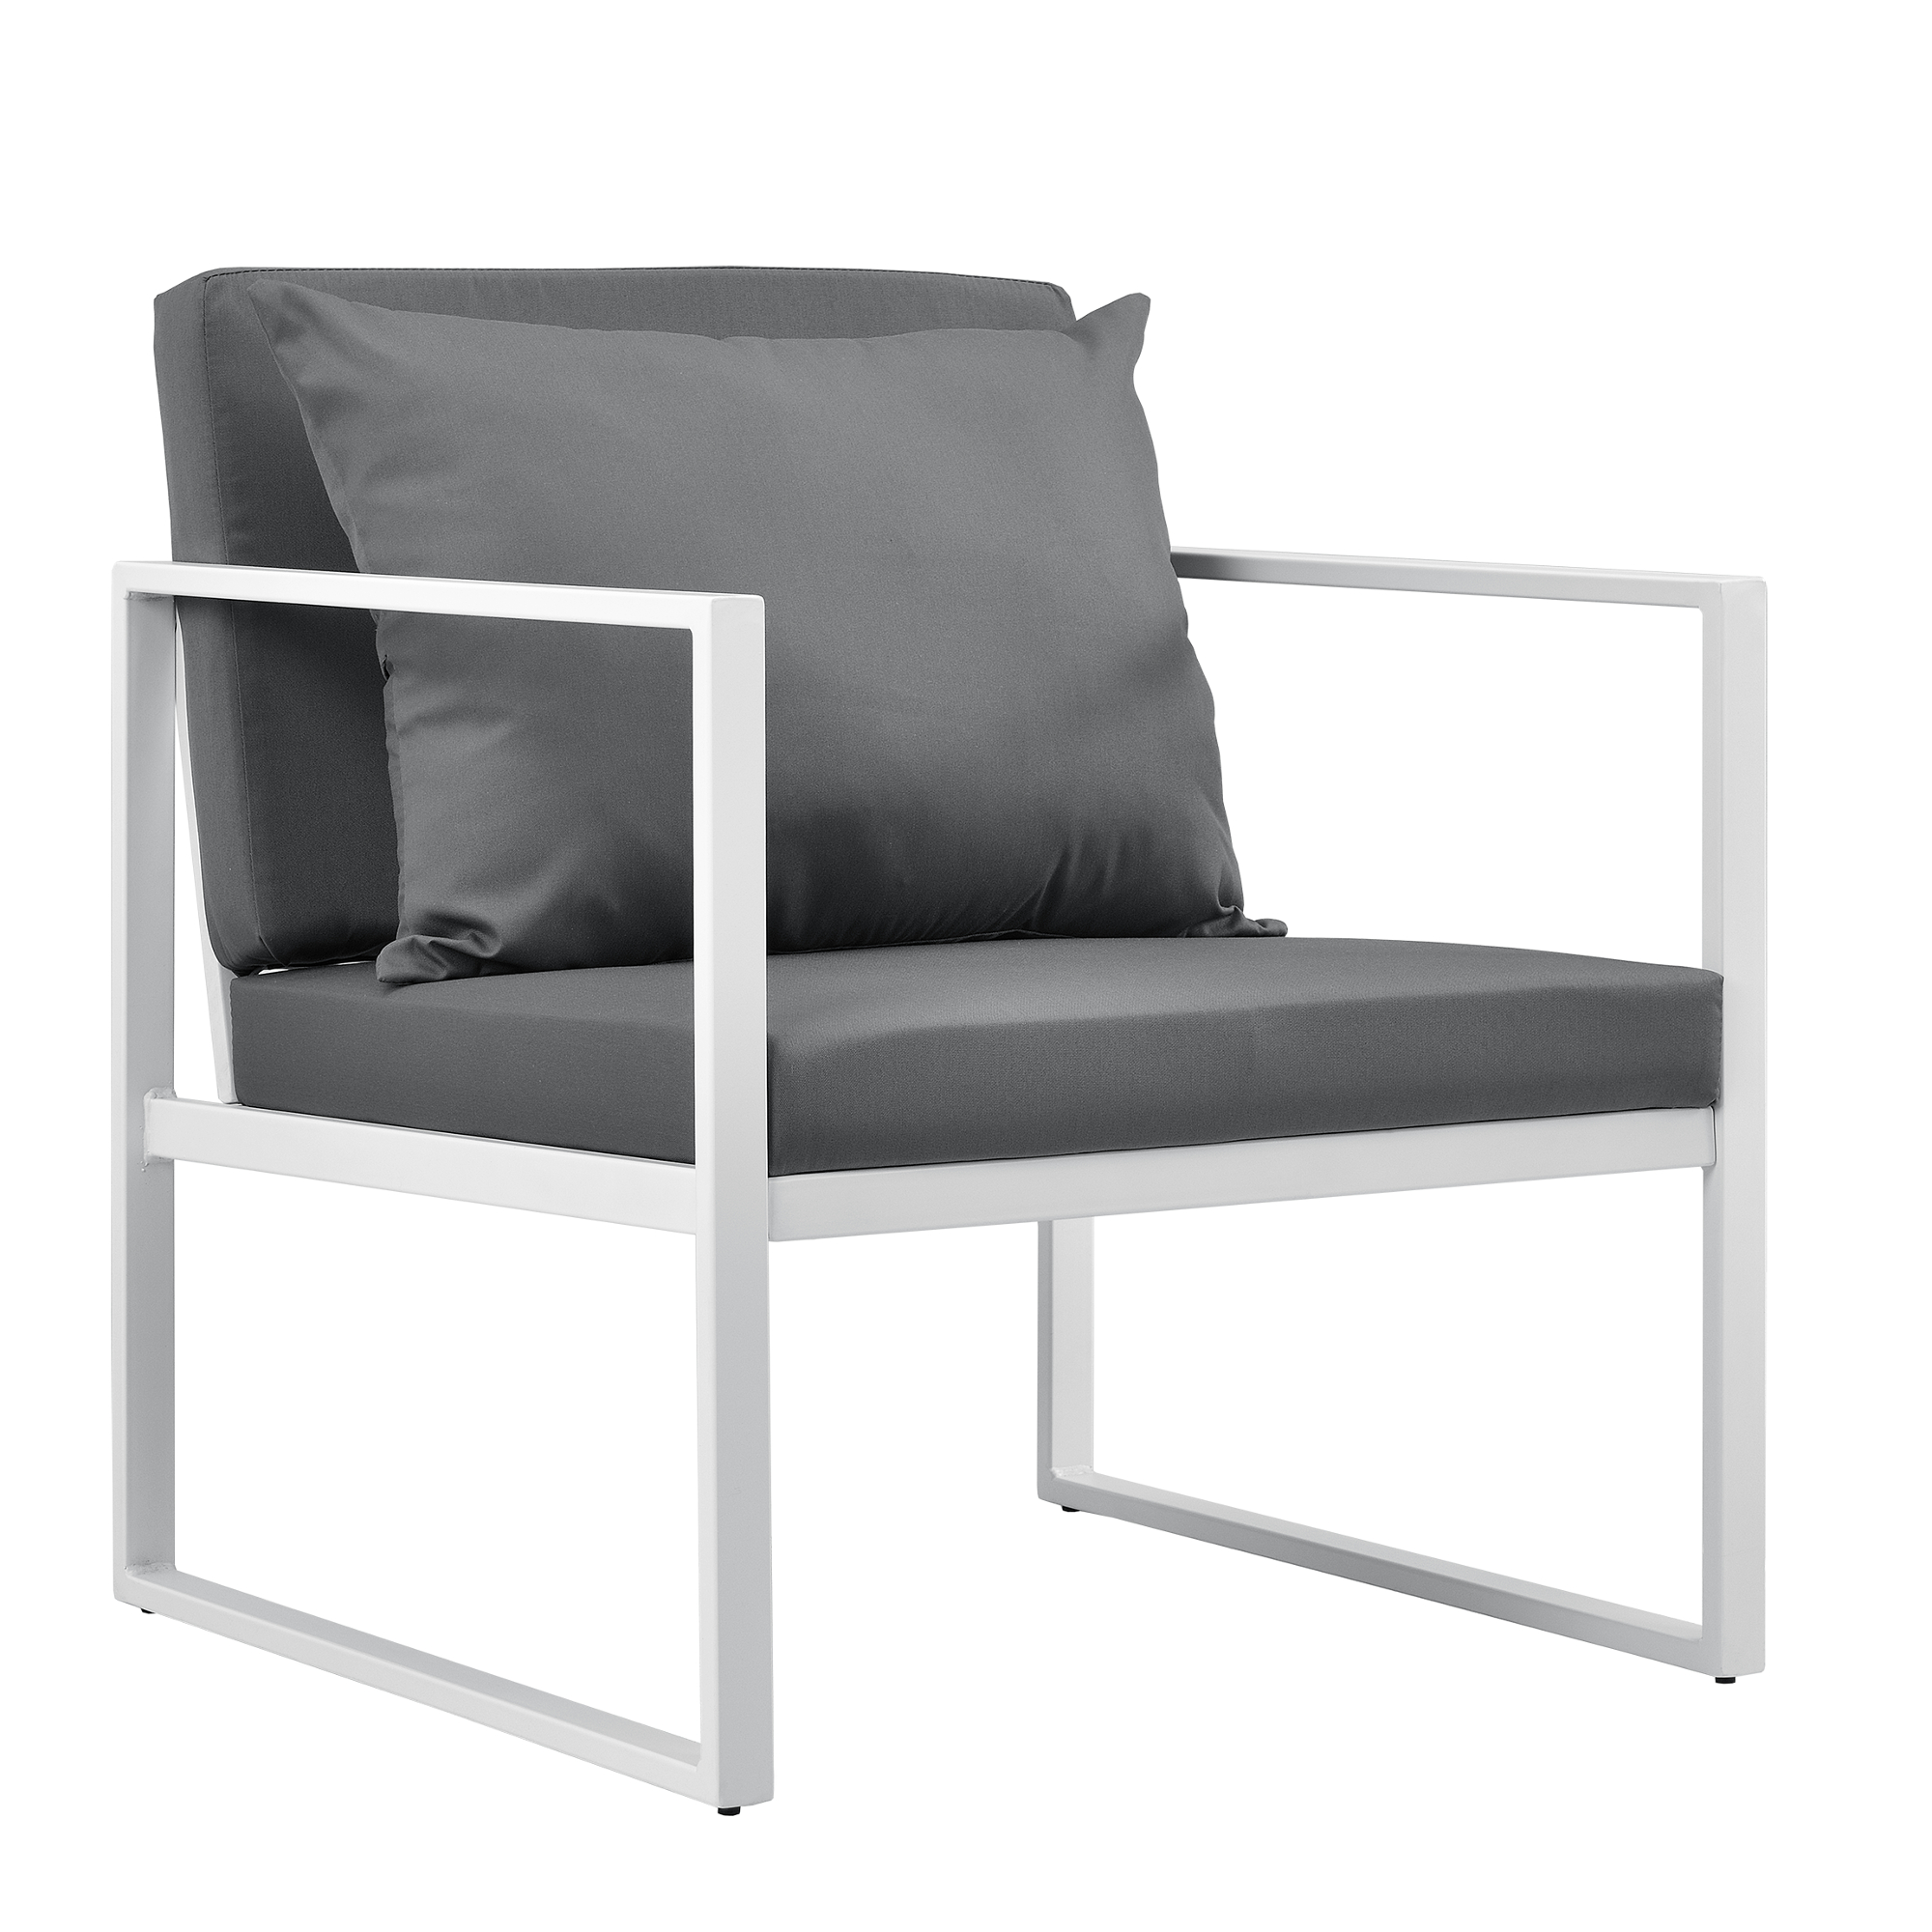 2x Chaise de Jardin Chaise de Jardin Blanc/Gris Extérieur Jardin ...